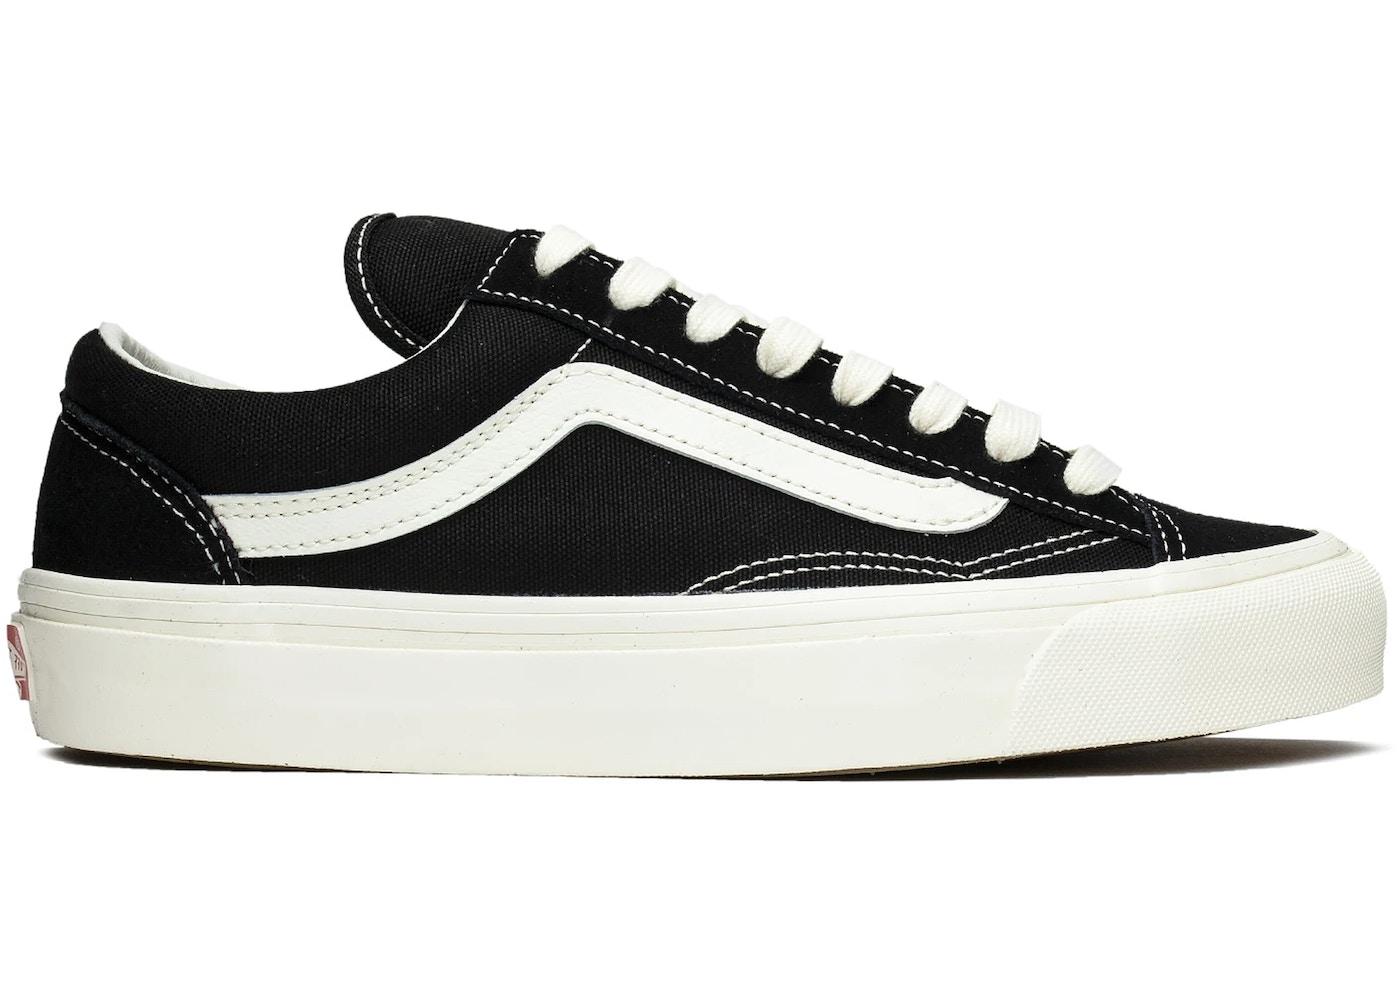 Vans Style 36 Black White - VN0A4BVEN8K